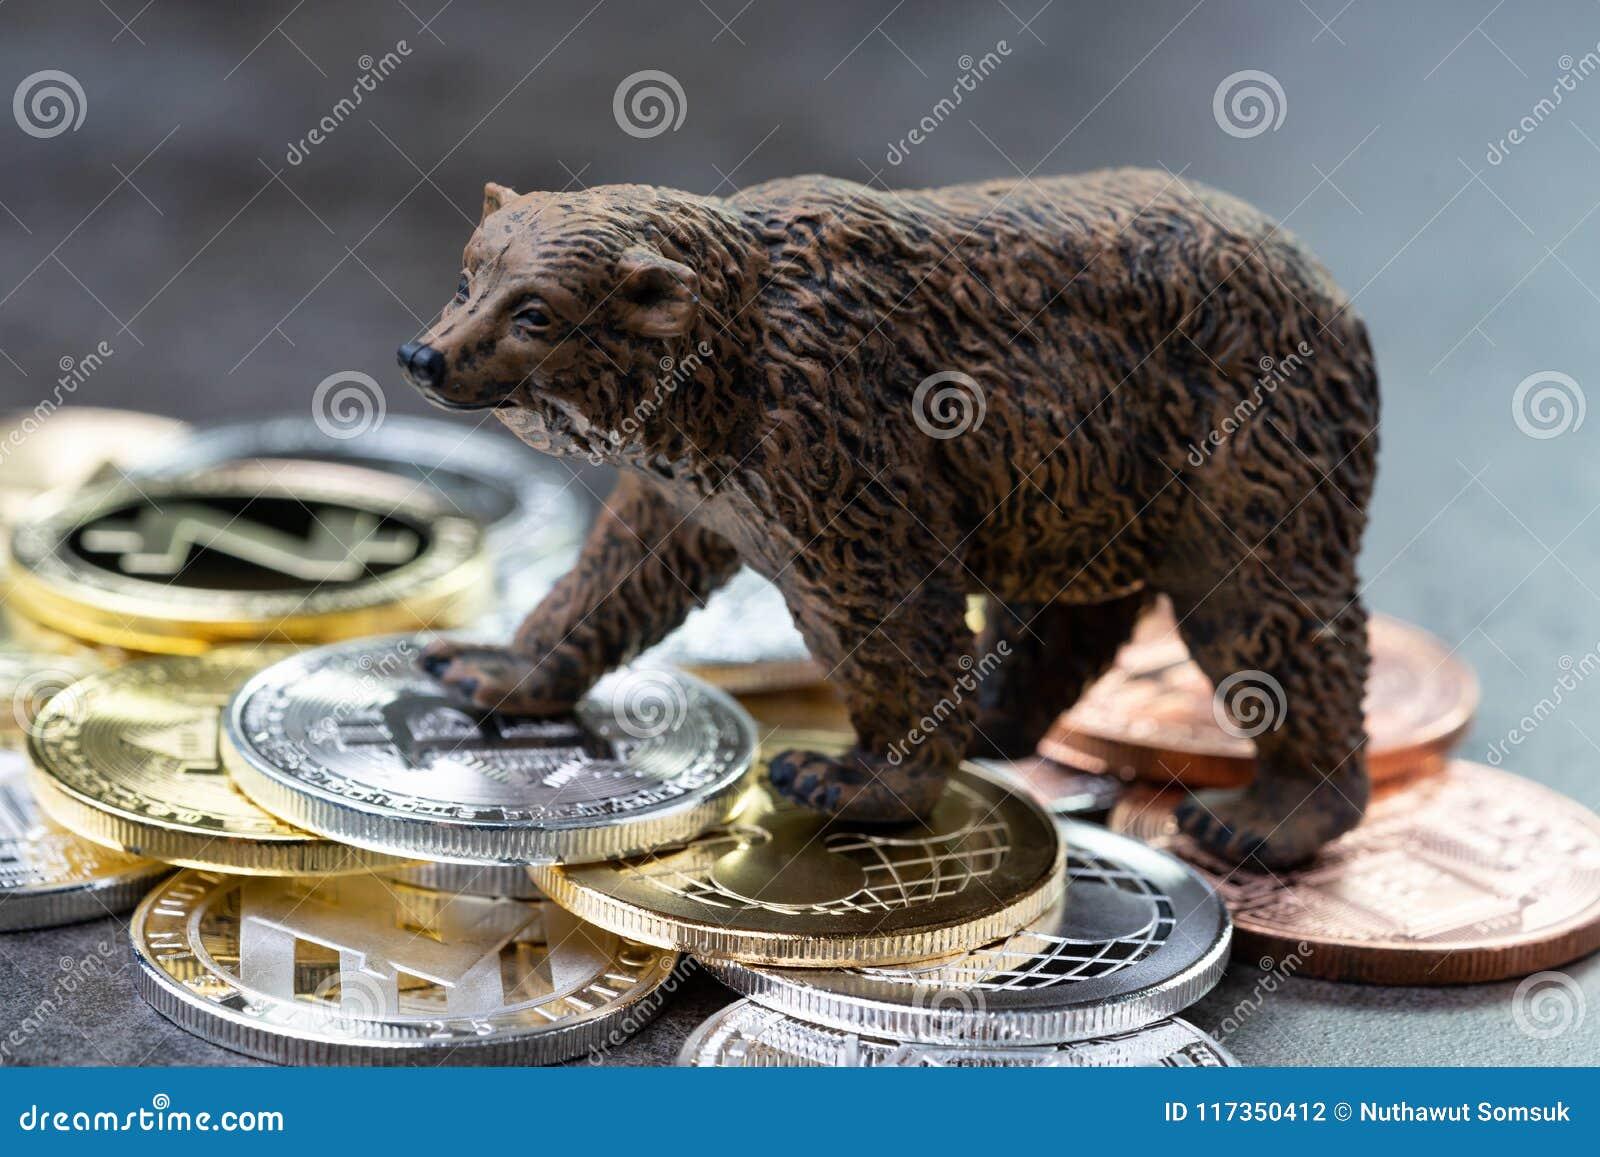 Концепция медвежего рынка, цена вниз или сброс давления понижаясь требования